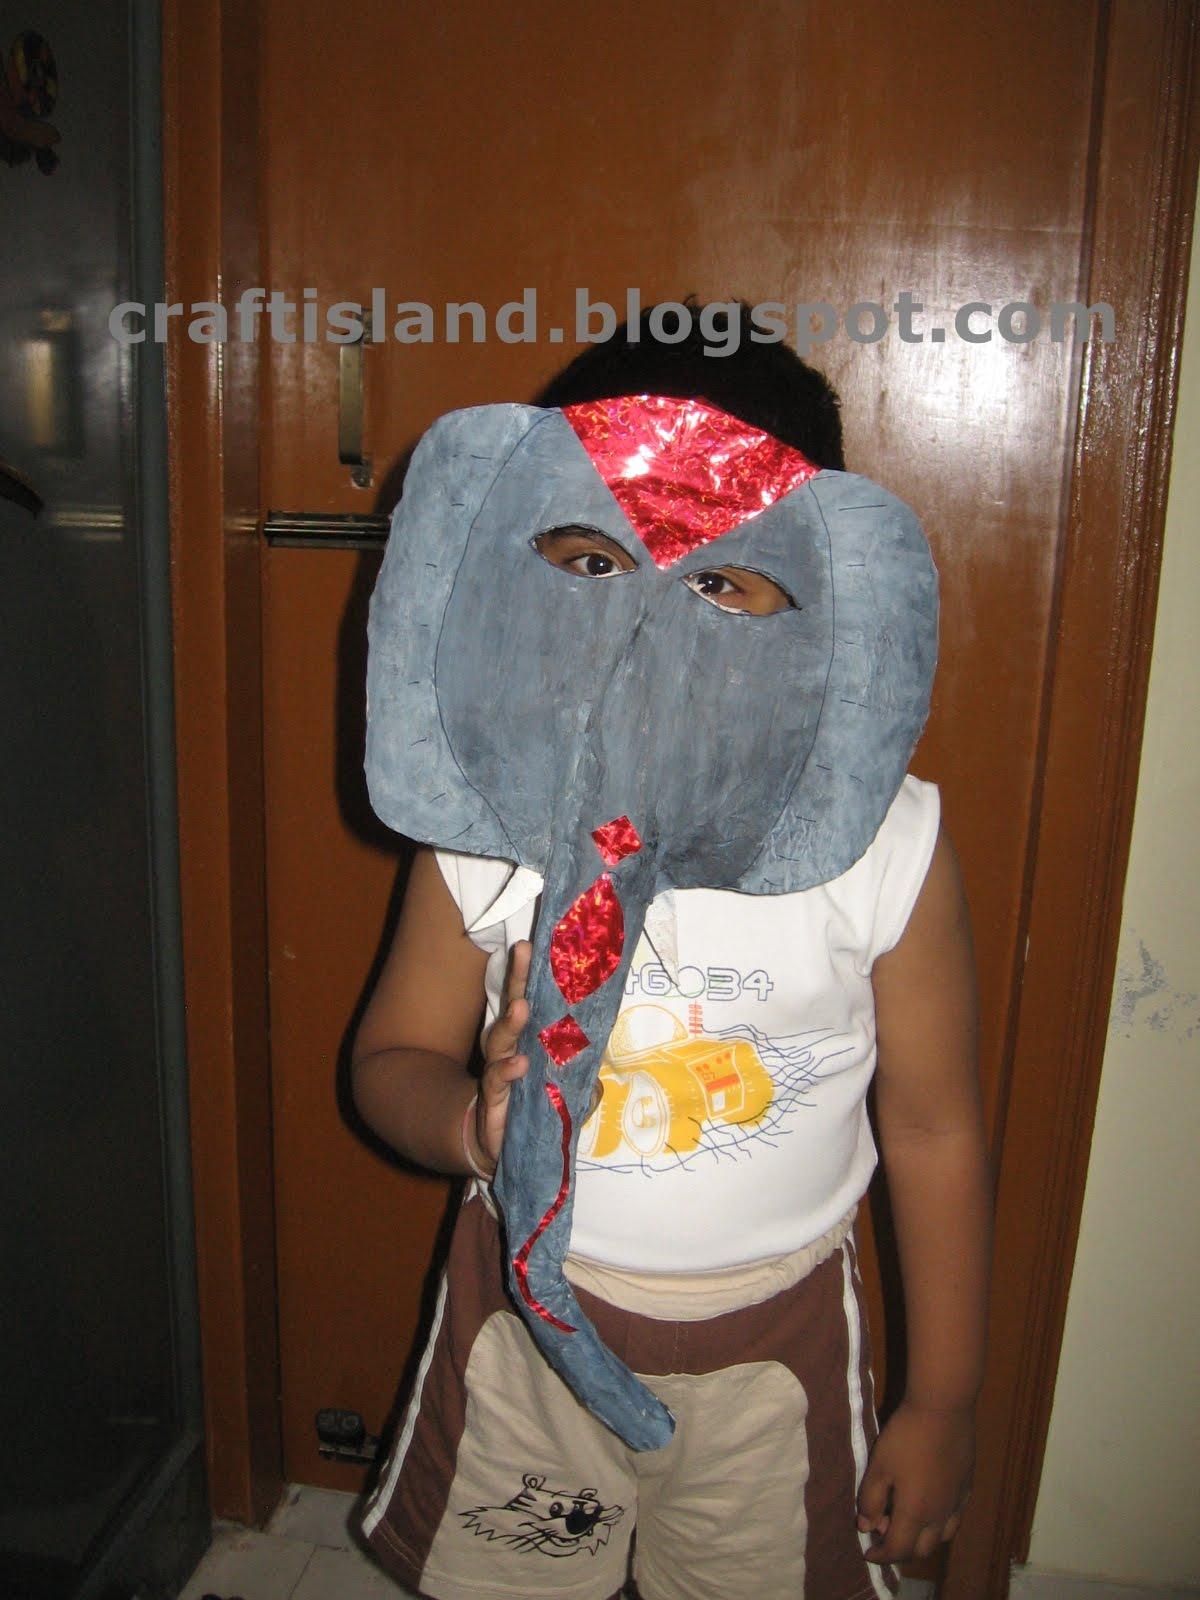 http://1.bp.blogspot.com/_QTc_ZrgiU6E/S9GkKULYHTI/AAAAAAAAAuU/aqbU-wgJFpM/s1600/IMG_0005.JPG